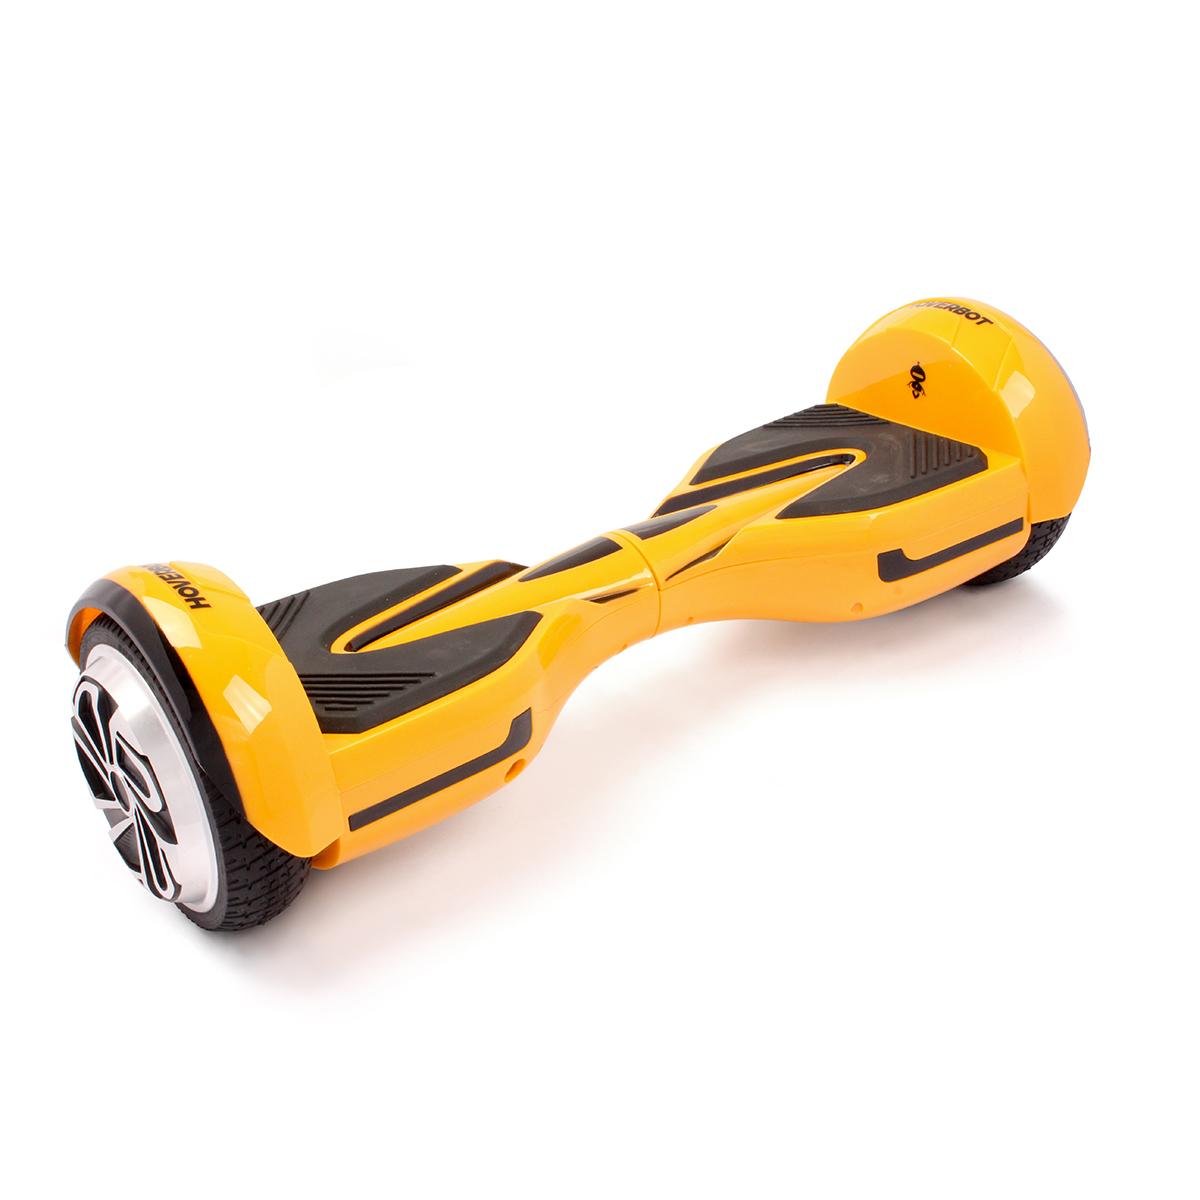 """Гироскутер Hoverbot A-12 (H-2), цвет: желтыйMHDR2G/AГироскутер Hoverbot A12 имеет современный спортивный дизайн, который располагаетк быстрой езде. Данная модель отлично подойдёт для опытных пользователей.Устройство по праву занимает одно из достойных мест в классе 6,5 колёс. Имея большойзапас хода и мощный мотор (2х400W) Hoverbot A12, бесшумно преодолевает расстояниев 15 км на одном заряде батареи. Хорошее сцепление с дорогой и устойчивый ход бордаA12 позволяет опытным райдерам быстро набирать скорость и успешно маневрироватьдаже в самых экстремальных ситуациях. Покупая Hoverbot A12 вы покупаете не толькосредство для развлечения, но и универсальное средство передвижения, которое можнолегко брать с собой в дорогу, поскольку он компактен и помещается в любую машину.Благодаря своему небольшому весу (10 кг) вы легко можете взять его в руки зацентральную часть борда и перенести через препятствие, продолжить свой путь вавтобусе, либо в метро. Hoverbot А12 оснащён передними ходовыми огнями игабаритами сзади. Вся подсветка выполнена из светодиодных лампочек и имеет долгийсрок службы.Характеристики:1. Цвета: black, yellow, red2. Возможная дистанция: 15 км3. Максимальная скорость: 15 км/ч4. Аккумулятор: Lithium 4.4 Ah5. Размер колеса: 6,5"""" (165 мм)6. Мощность мотора: 2х400 W7. Максимальная нагрузка: 120 кг8. Время заряда/сеть: 120 мин/220В9. Вес нетто: 10 кг10. Вес брутто: 11,5 кг11. Влагозащита: IP5412. Условия эксплуатации: 10°C до +50°C13. Размер коробки: 675х260х26514. Комплектация/особенности: Зарядное устройство."""